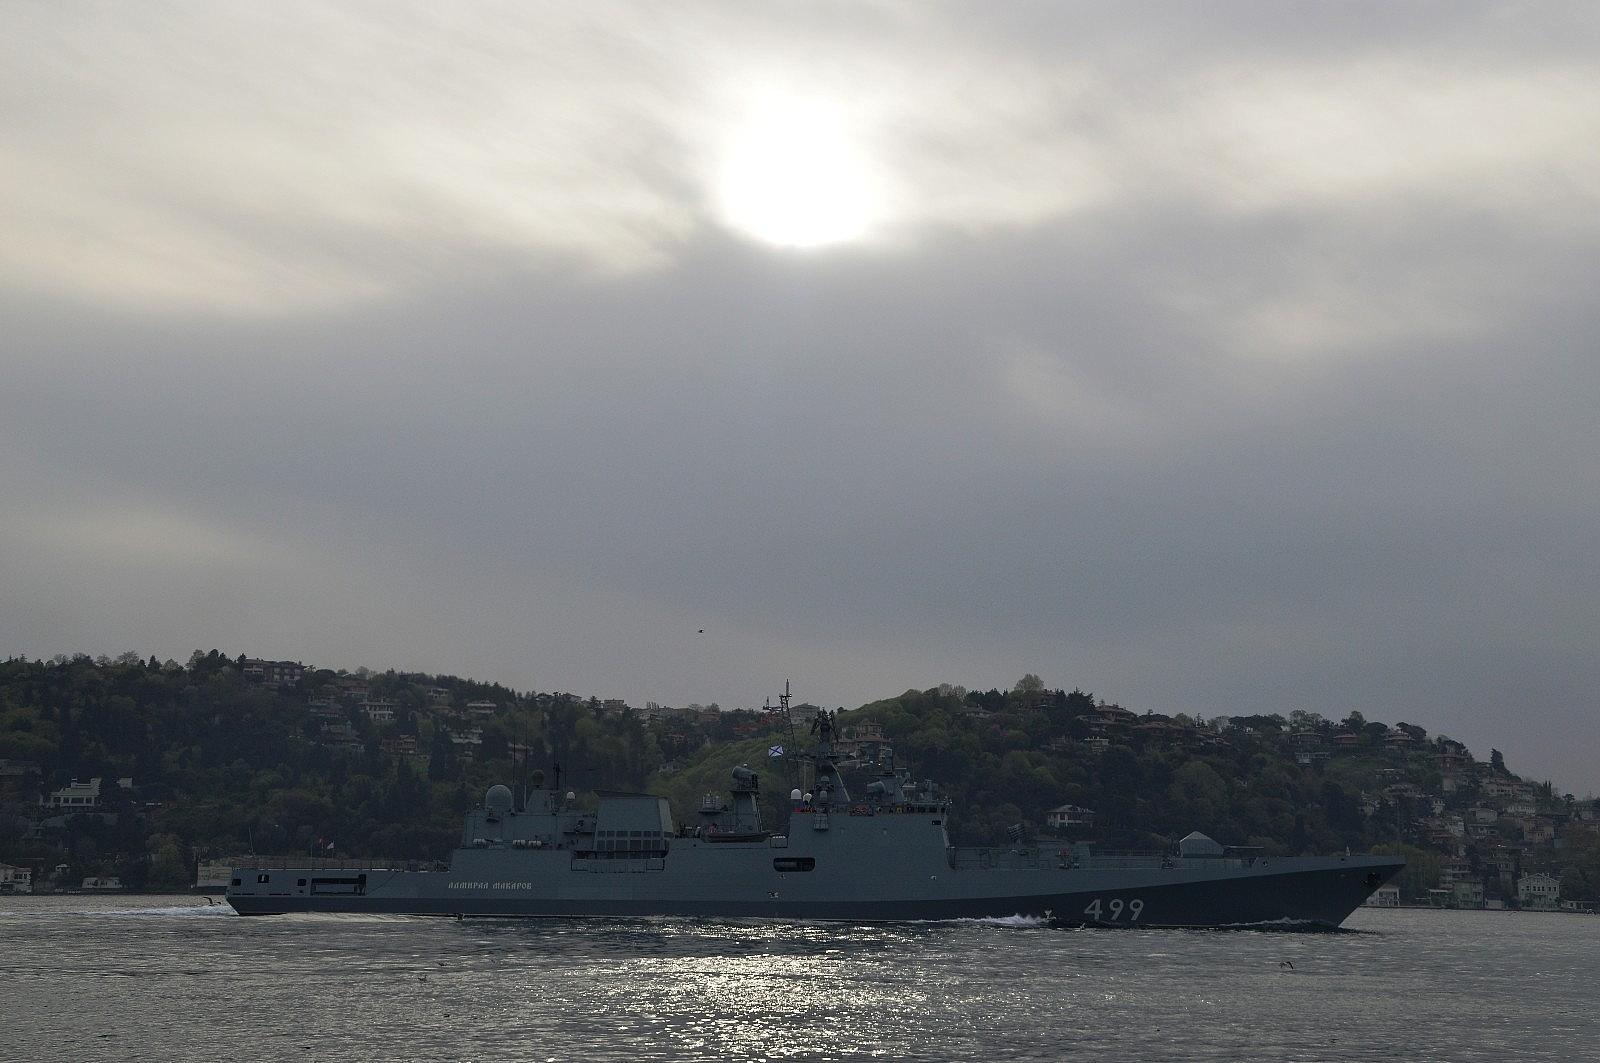 2021/05/rus-donanmasina-ait-rfs-499-borda-numarali-admiral-makarov-gemisi-bogazdan-gecti-20210502AW31-5.jpg